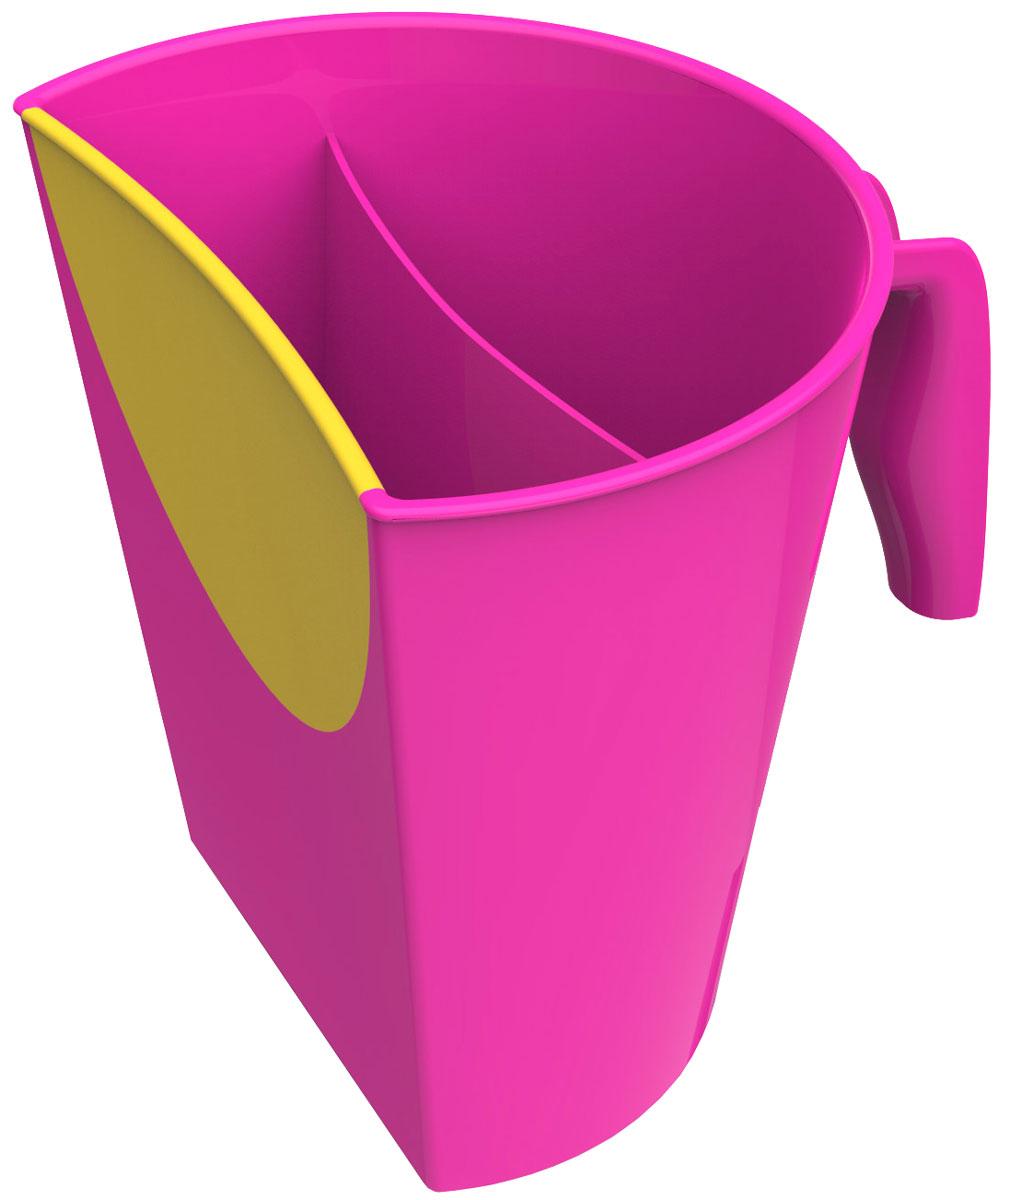 BabyOno Ковш детский для мытья головы цвет фуксия -  Контейнеры для игрушек, ковши